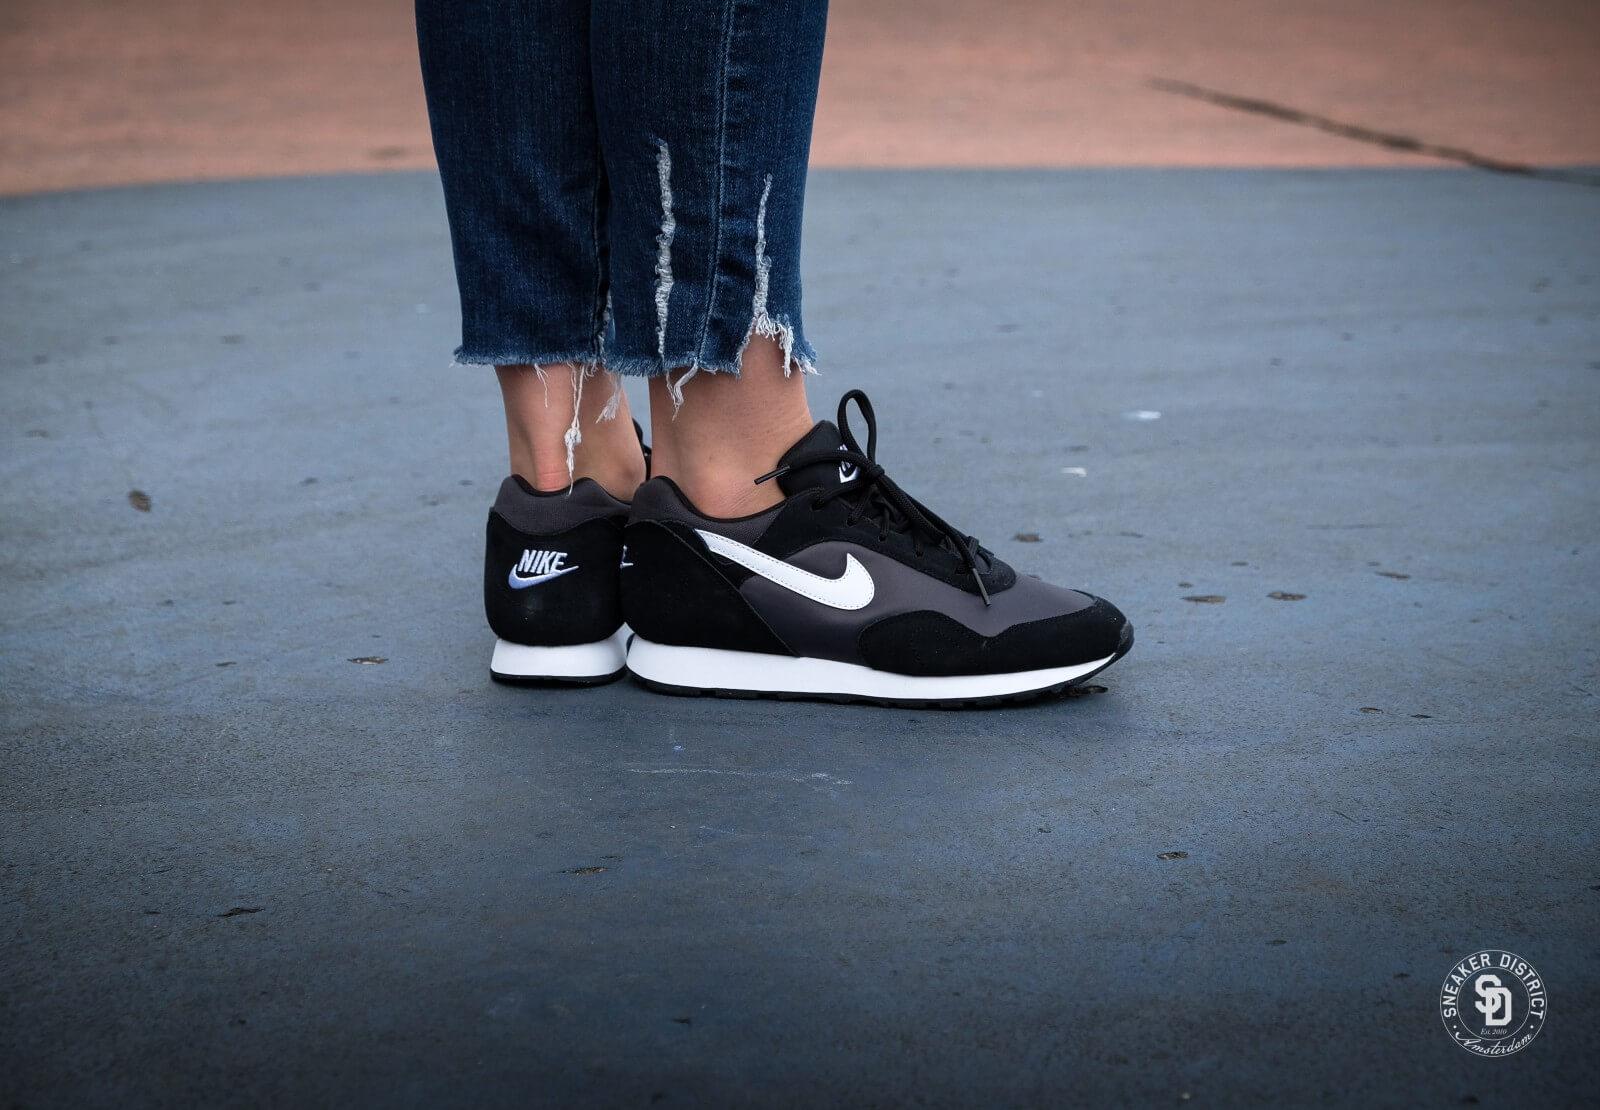 Nike Women's Outburst Black/White